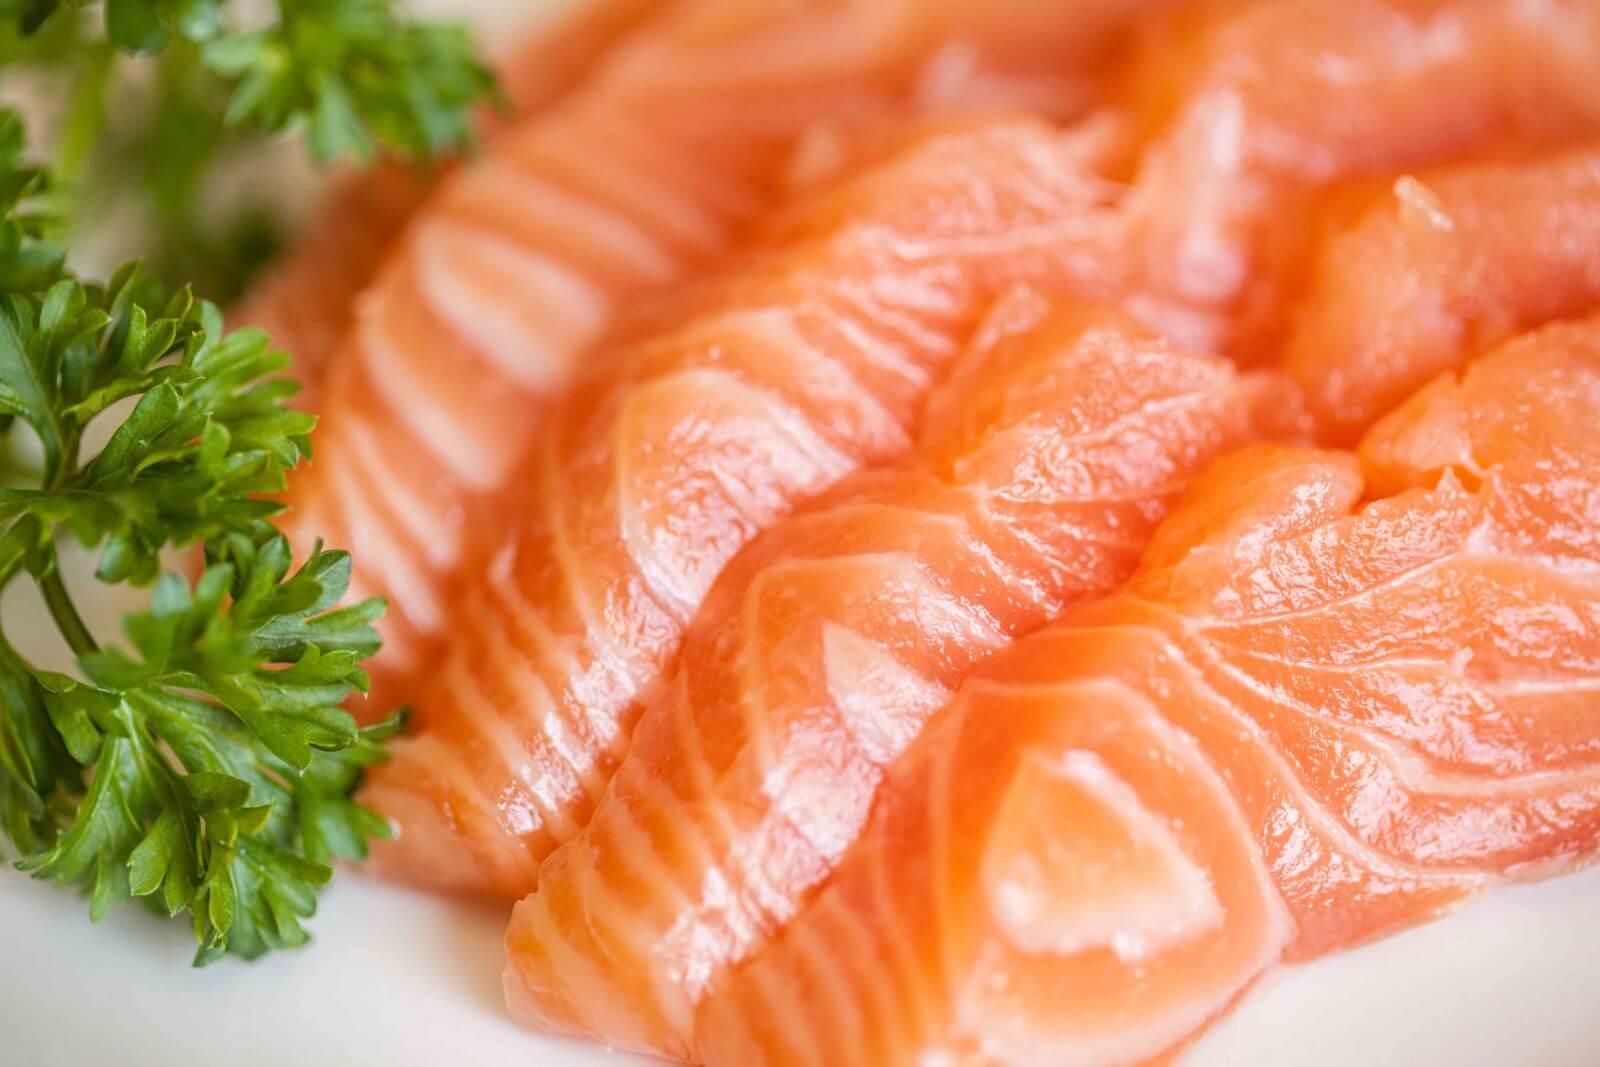 Cá tươi khi ăn có độ sần sật, không bị nhão, đậm đà tự nhiên